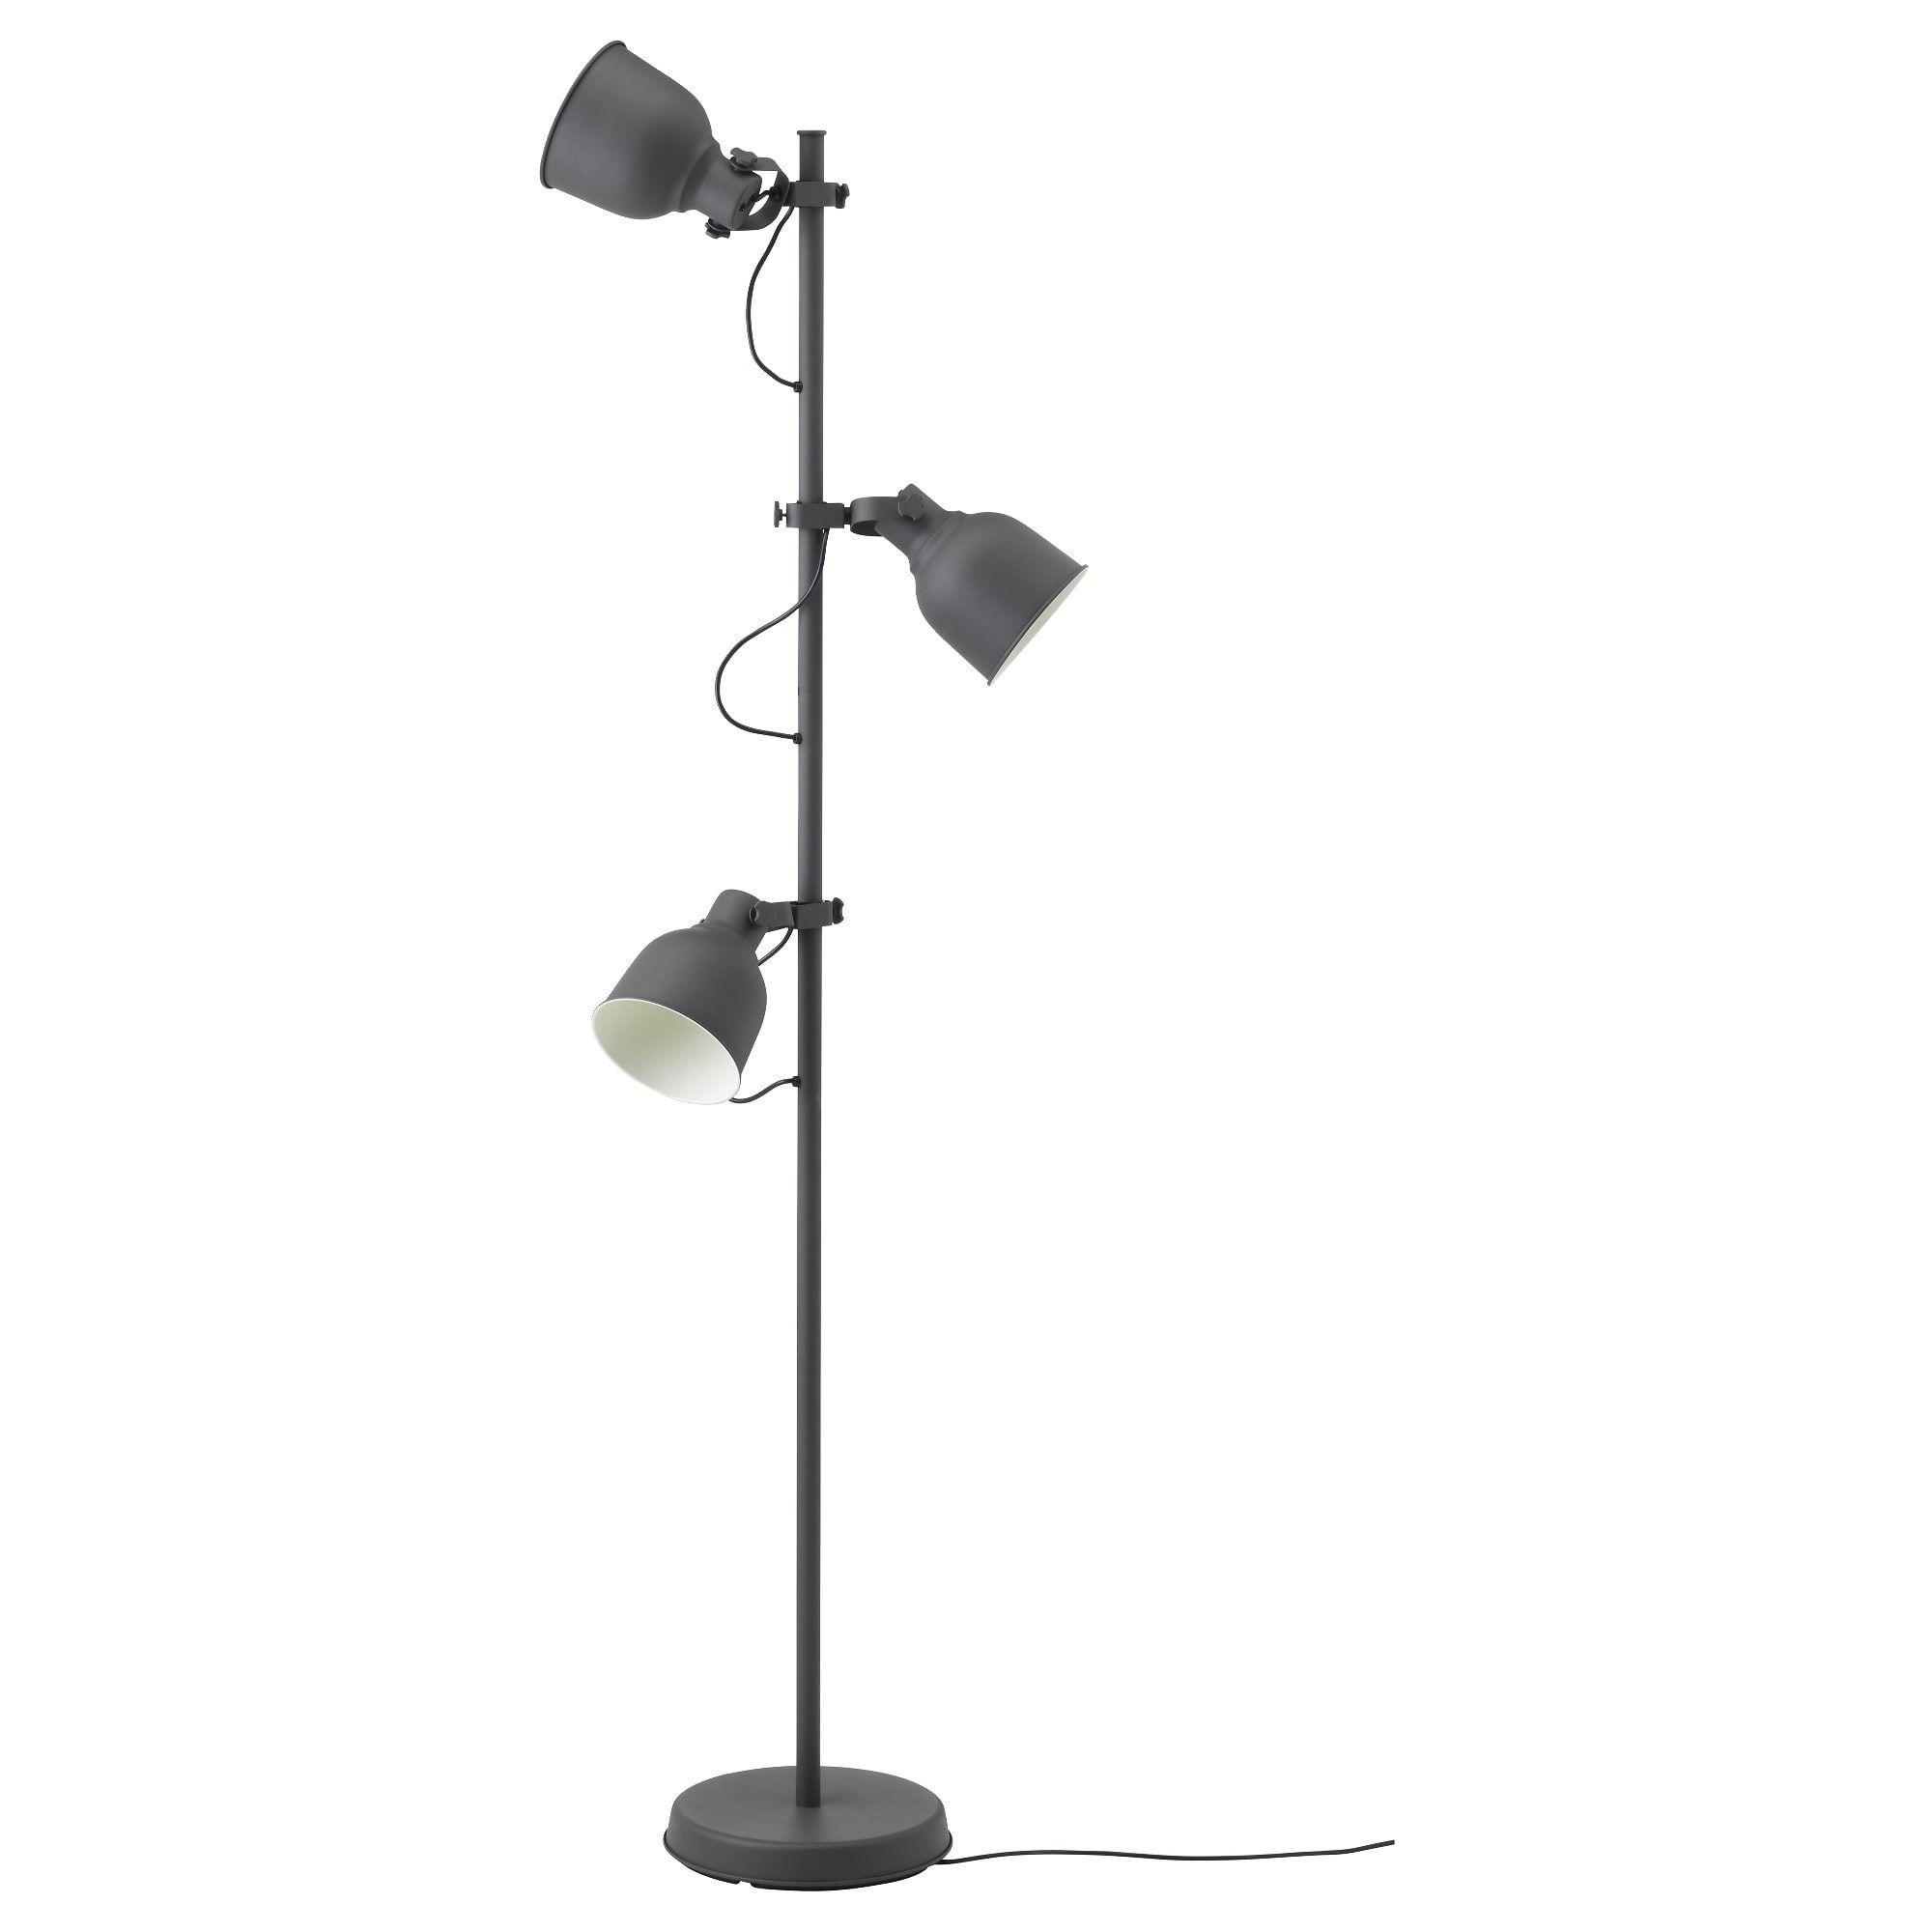 Full Size of Stehlampe Ikea Stehlampen Stehleuchten 2020 04 24 Modulküche Holz Bad Waschtisch Massivholz Betten Küche Kosten Esstisch Ausziehbar Wohnzimmer Spielhaus Wohnzimmer Ikea Stehlampe Holz